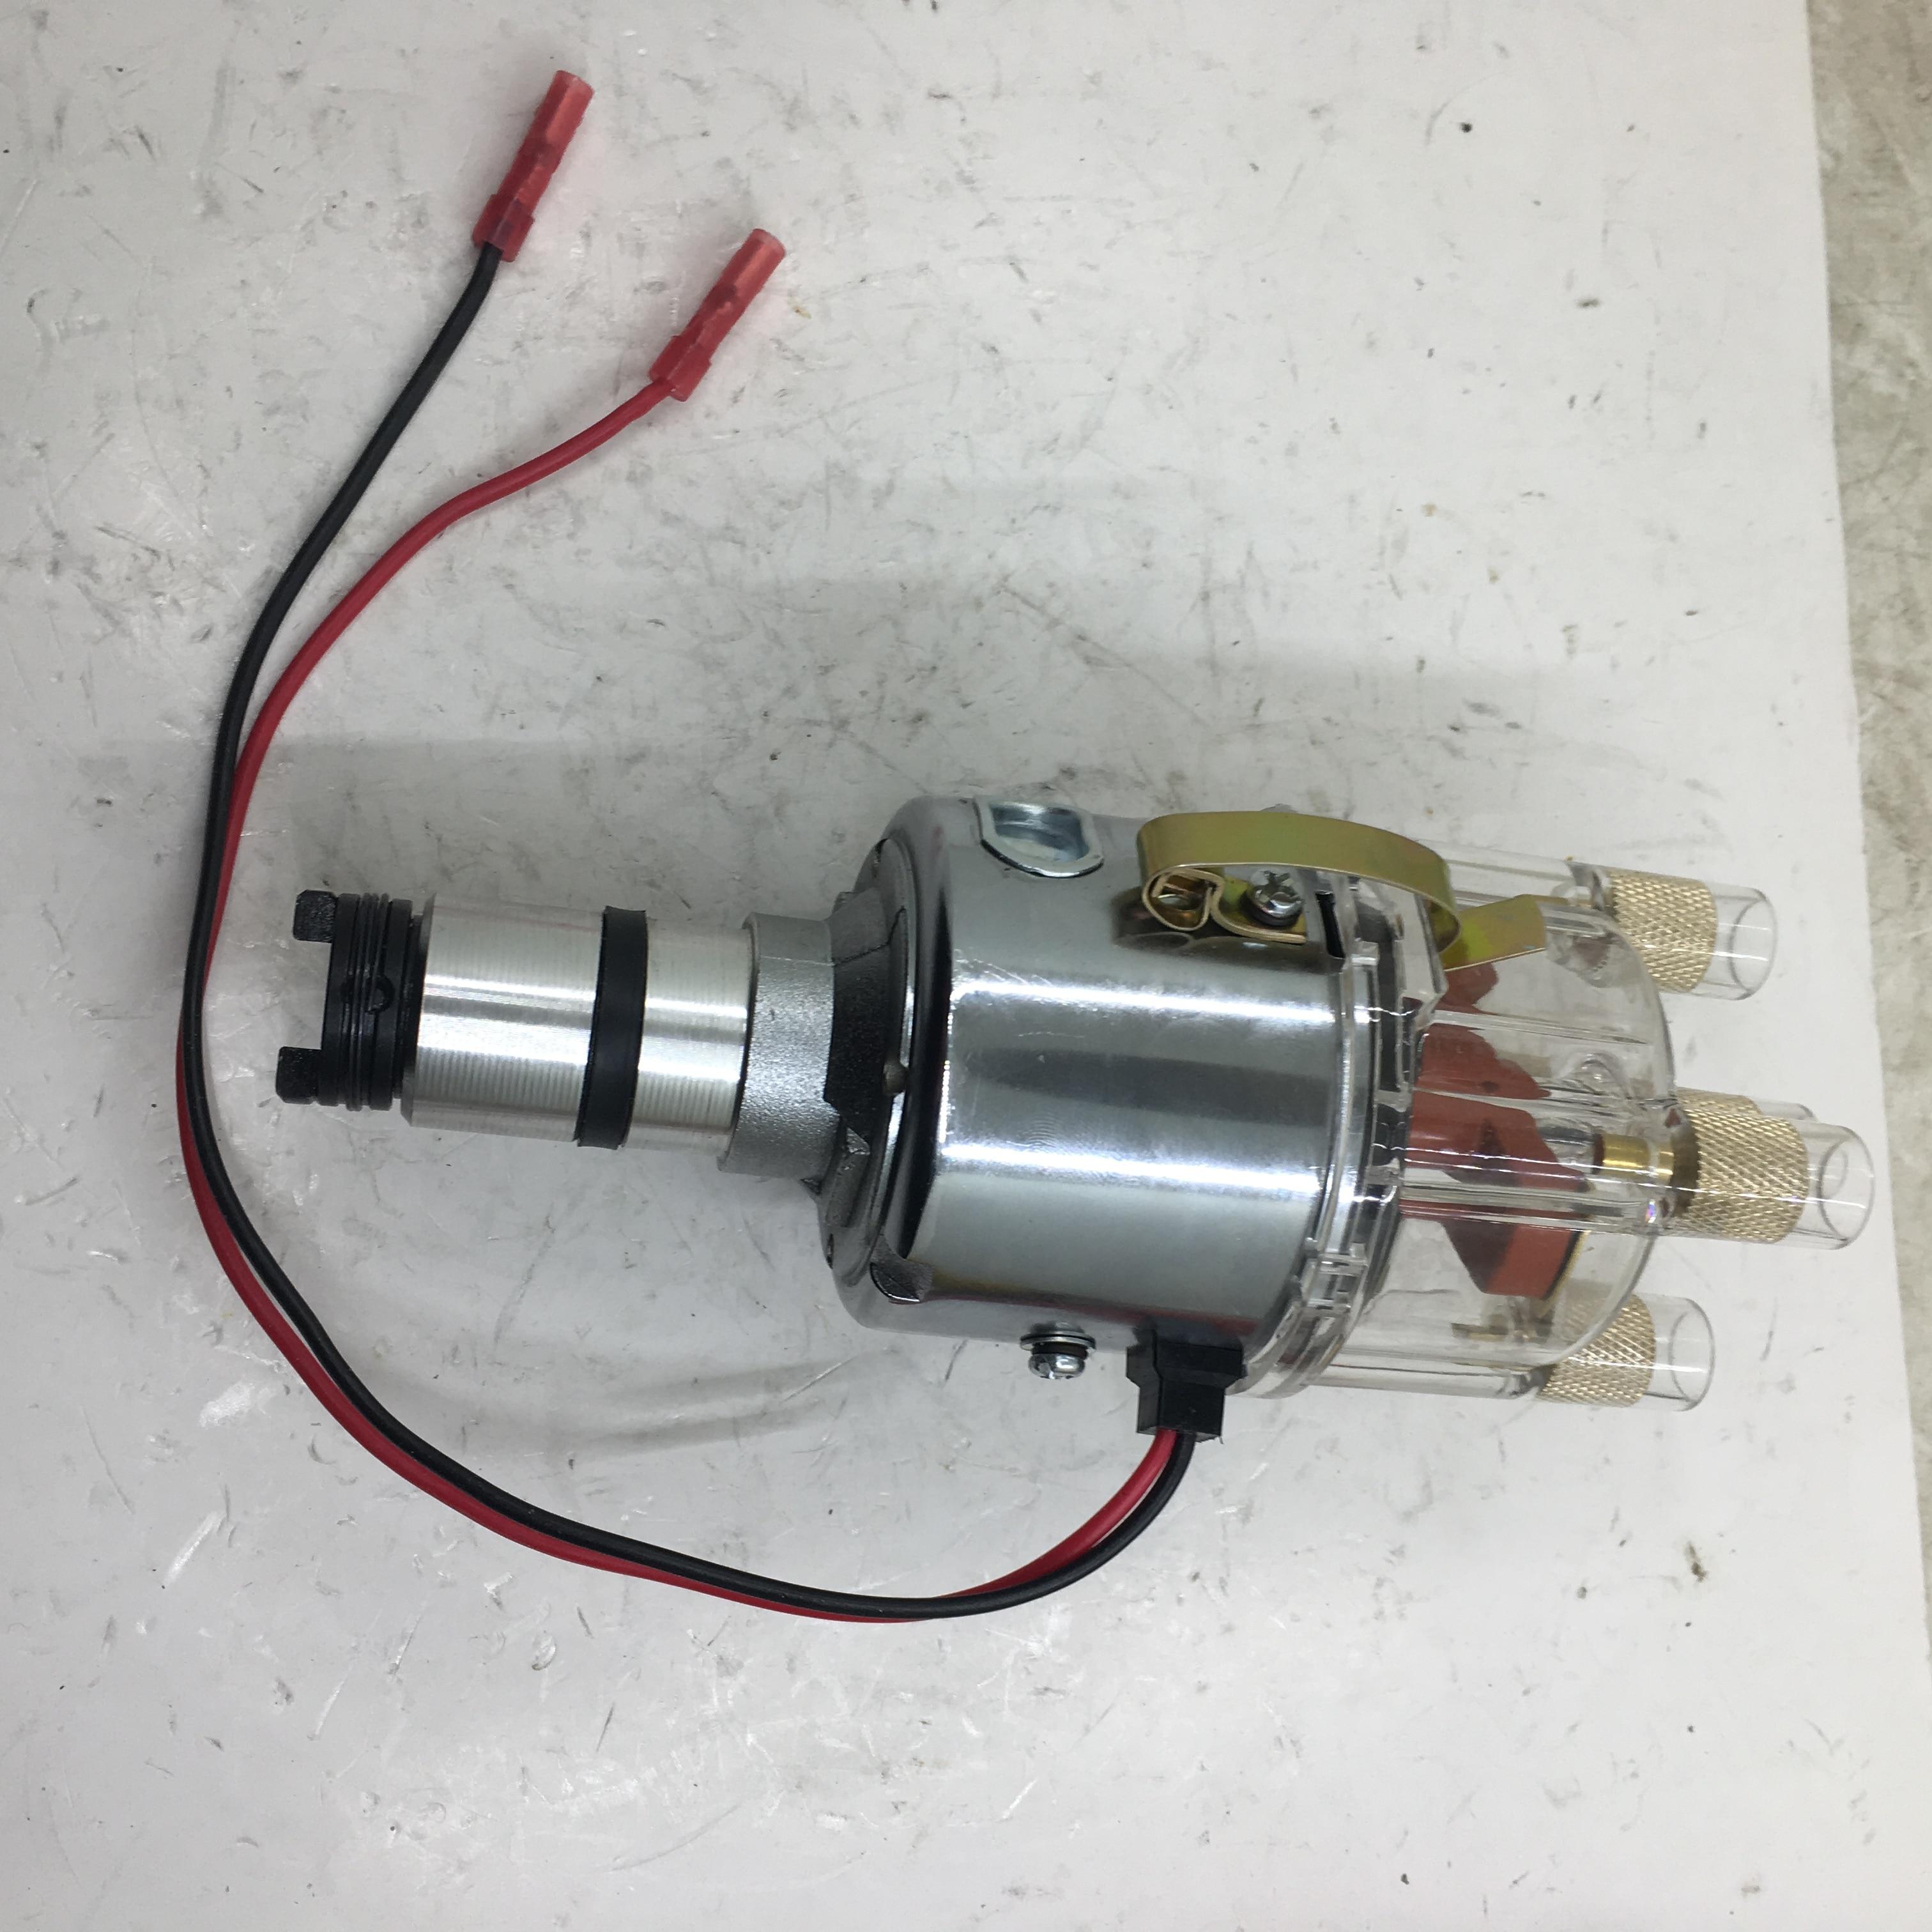 SherryBerg distributeur centrifuge électrique complet pour EMPI 9428 CHROME 009 courbe de STOCK pour VW BUG GHIA chose BUS bouchon transparent